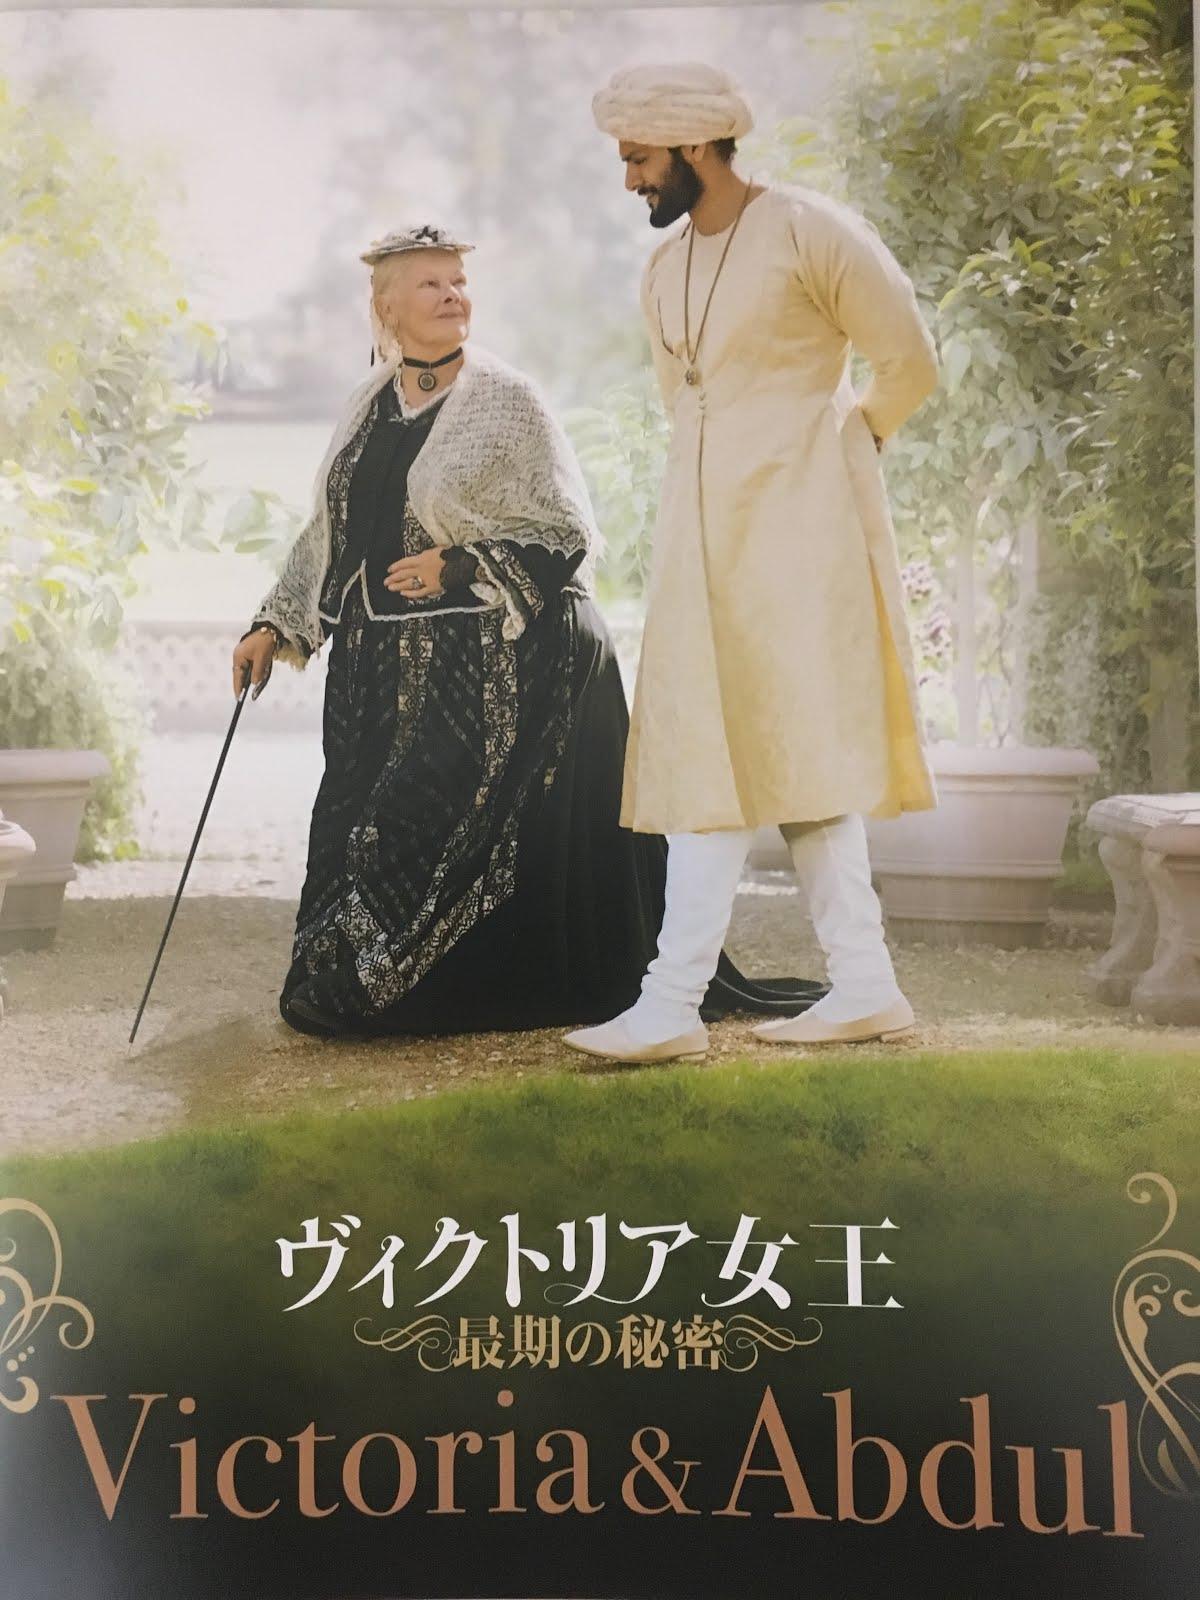 映画『ヴィクトリア女王 最後の秘密』公開中!